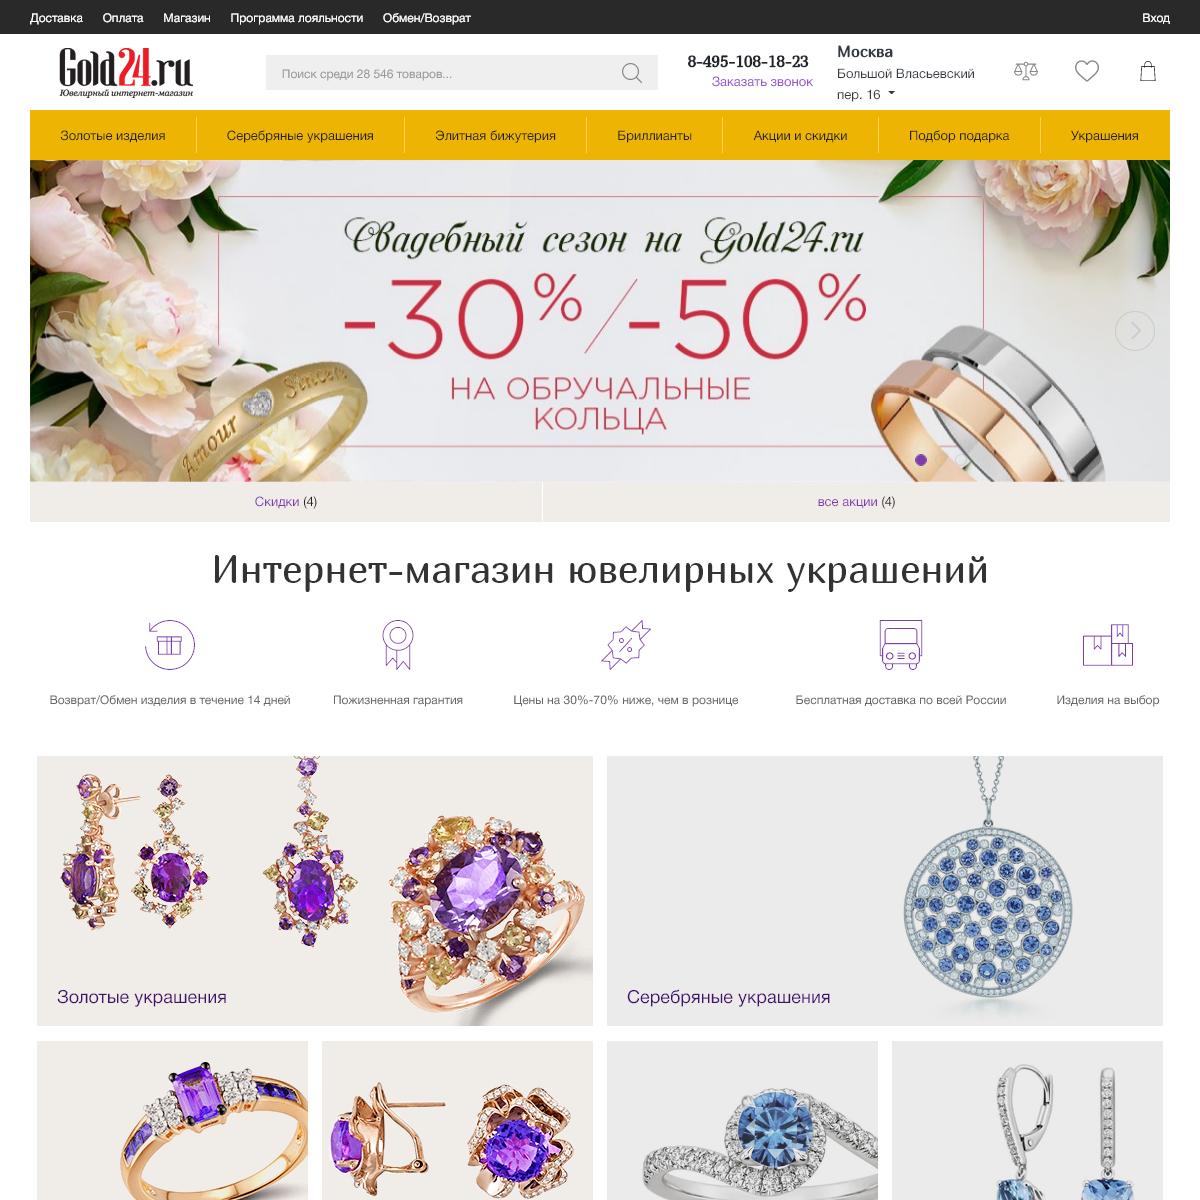 Интернет-магазин ювелирных изделий и украшений Gold24.ru ▶️ Каталог в Мо�